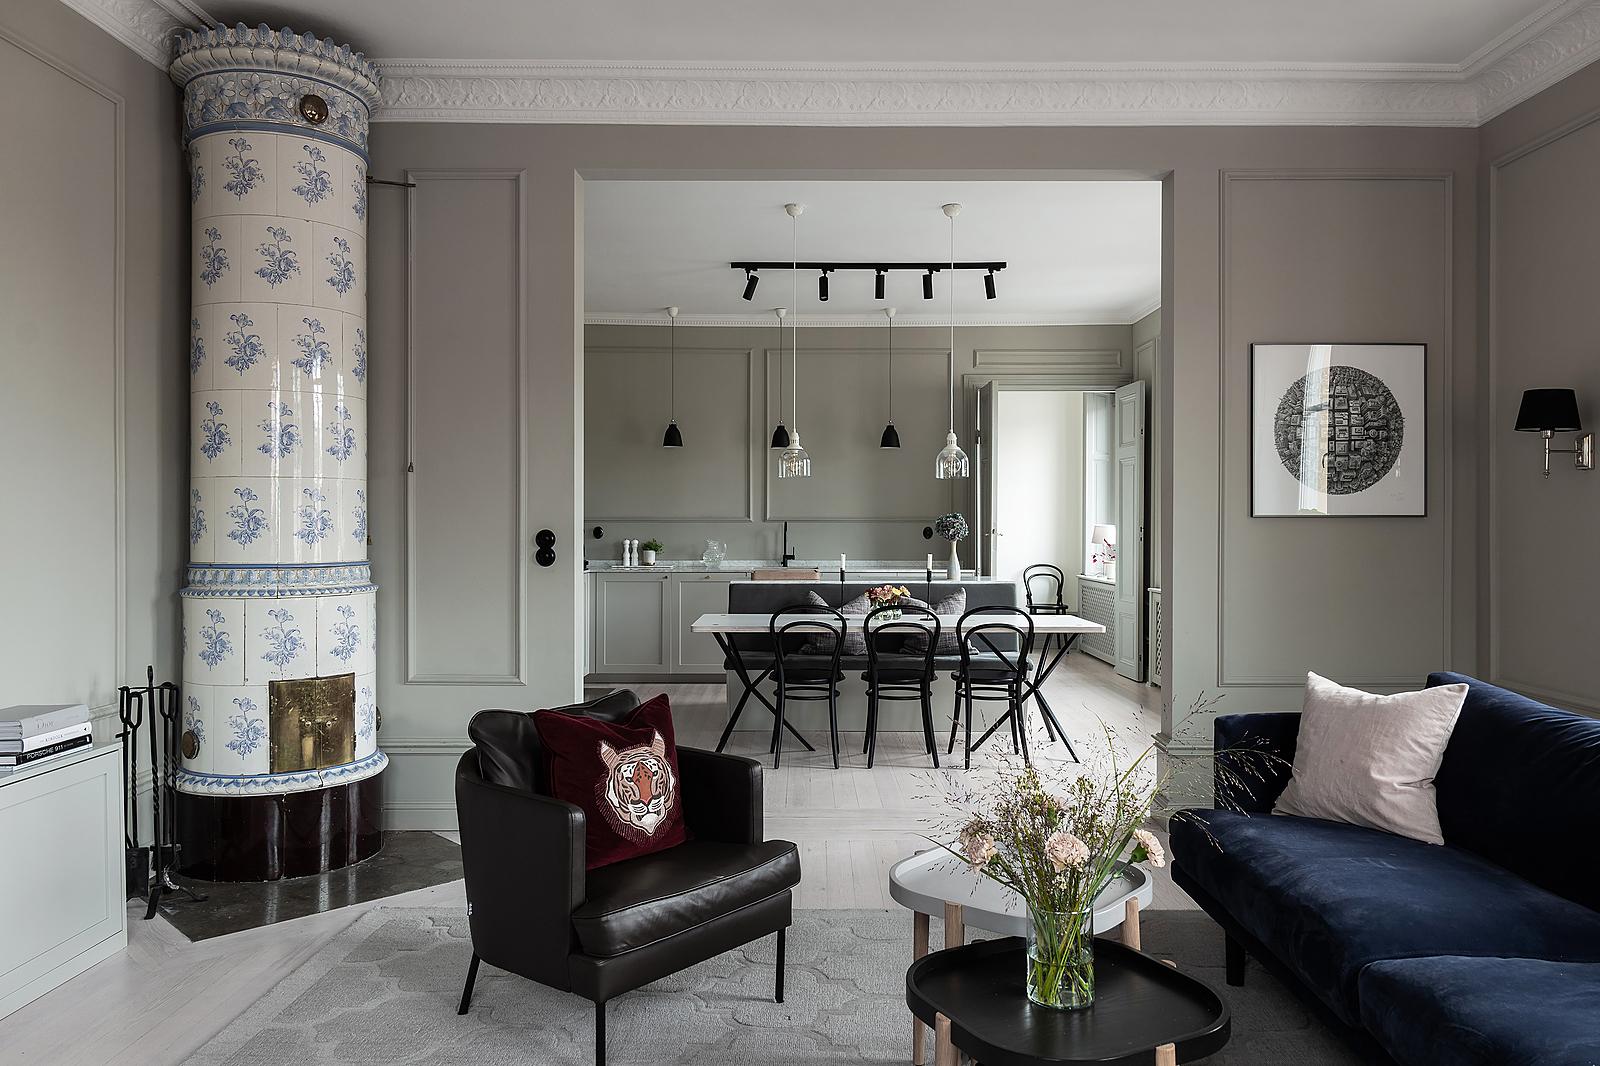 Elegant och bekvämt hem med en blandning av moderna och rustika stilar